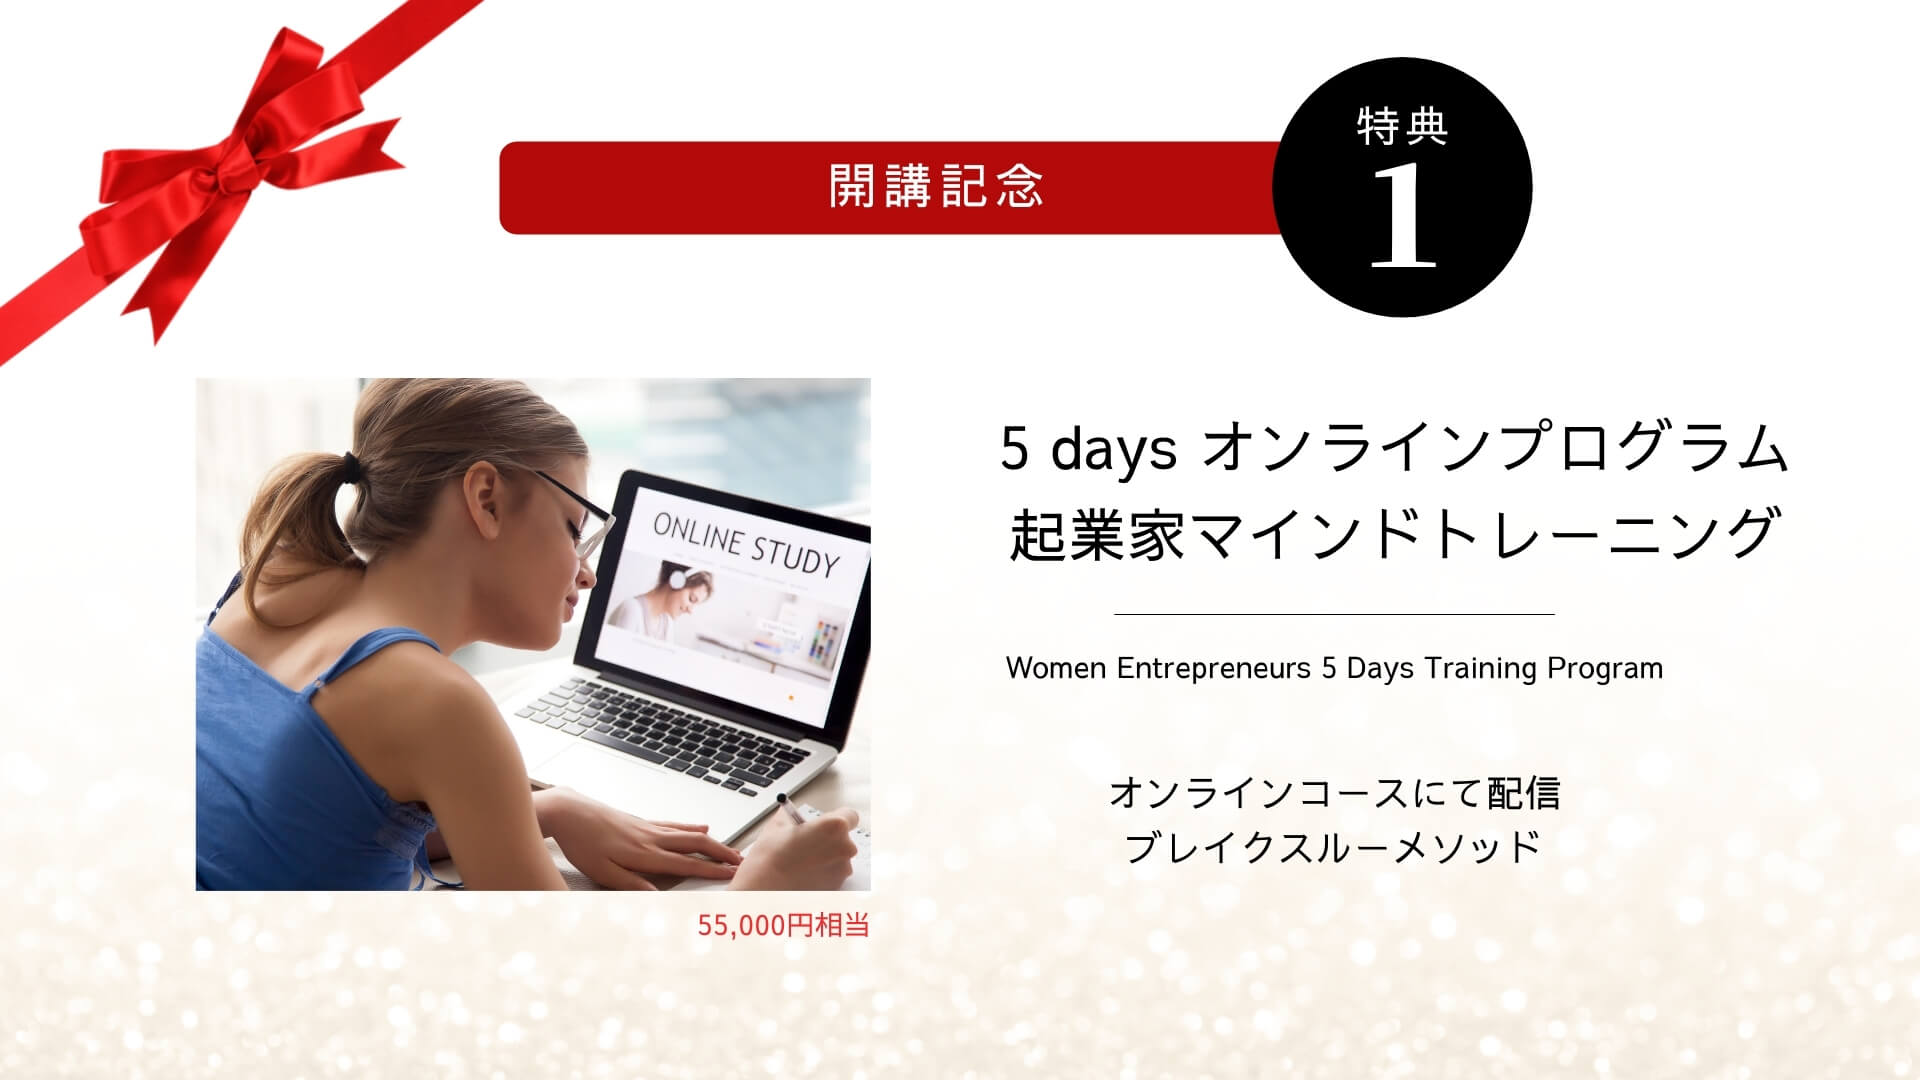 起業家マインドセット:オンライントレーニング 5 Days